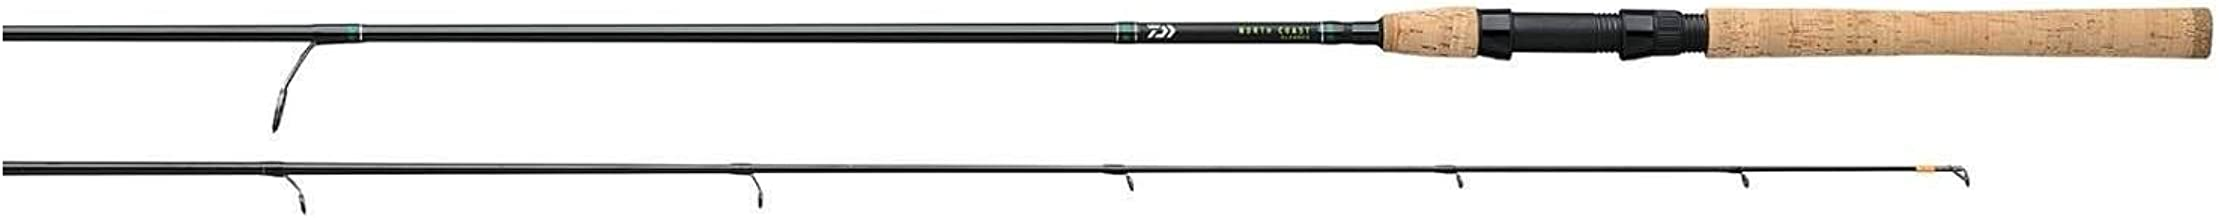 Daiwa North Coast Fishing Rod